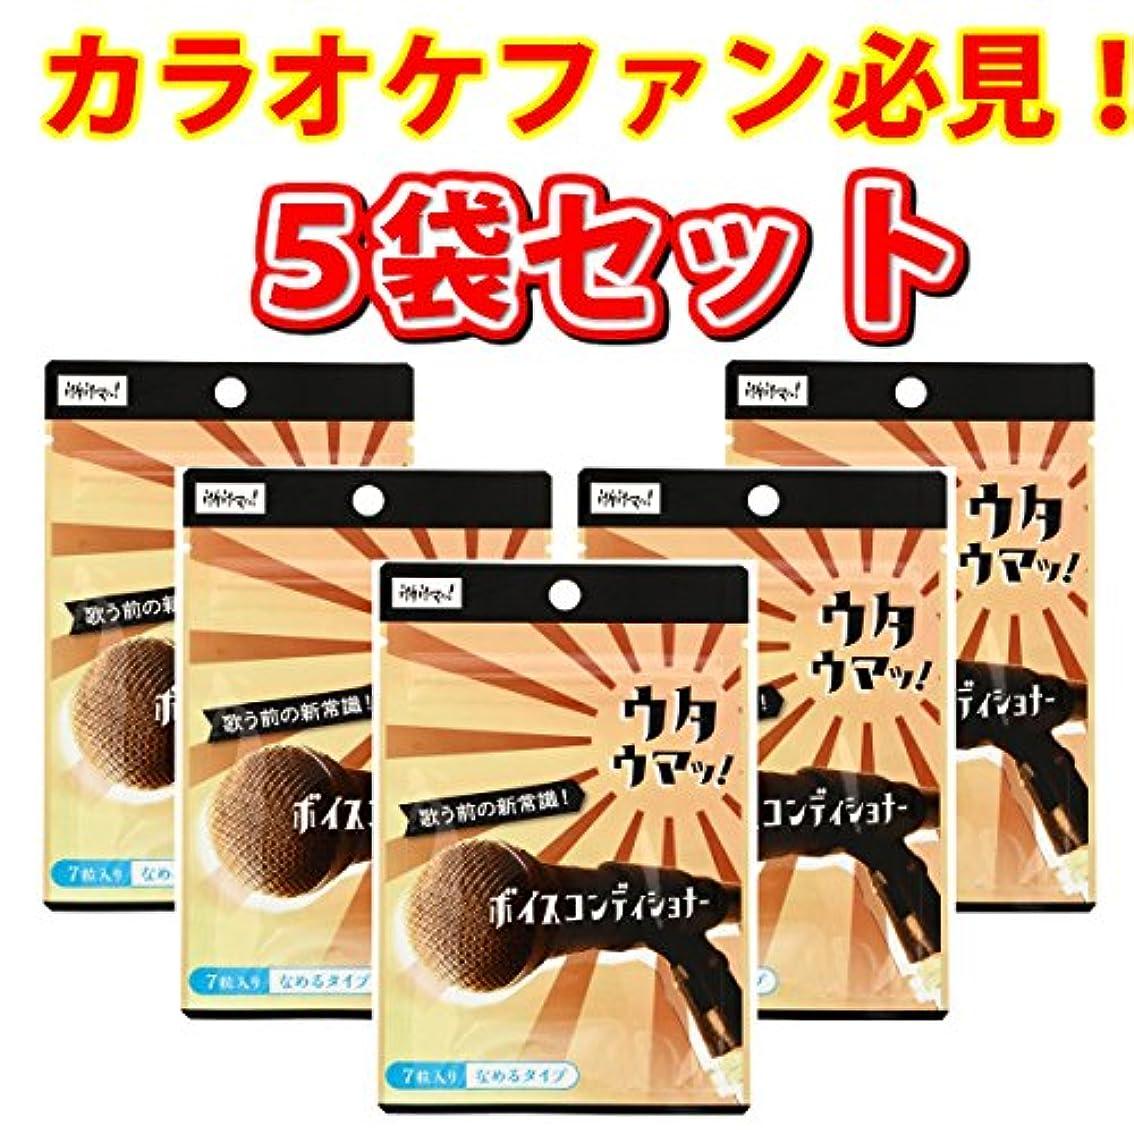 せがむ銀行マッサージカラオケサプリの決定版 《ボイスコンディショナー》 ウタウマッ!お得な5袋セット